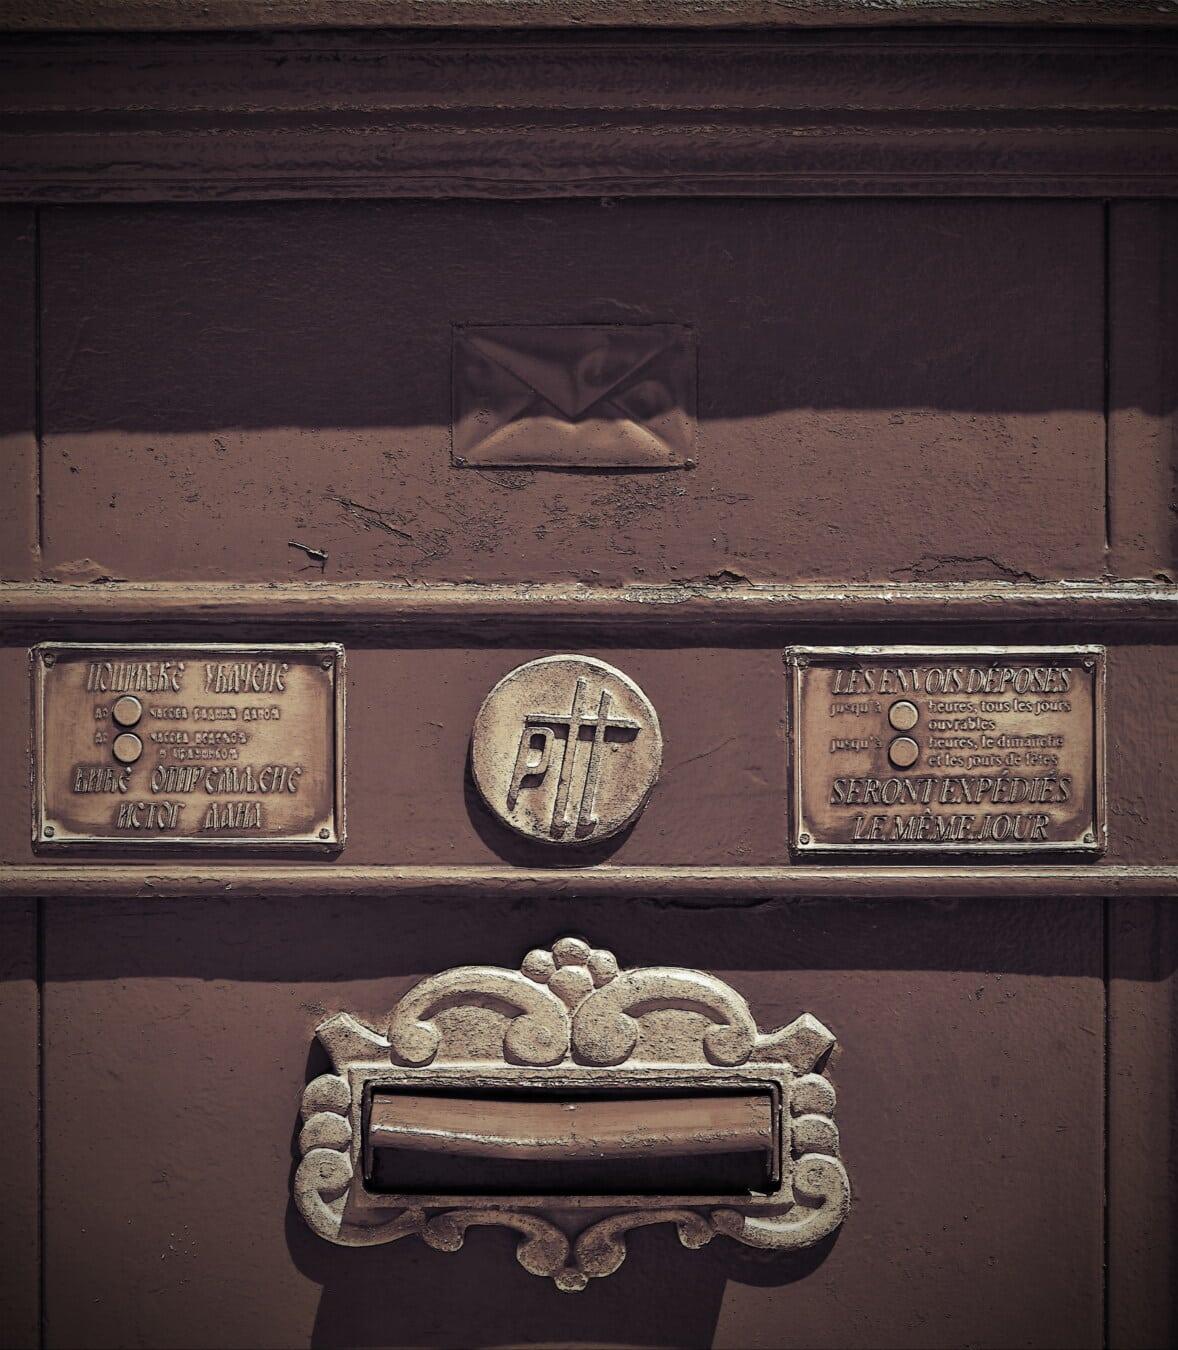 velho, história, caixa de correio, telégrafo, vintage, sinal, símbolo, retrô, clássico, caixa